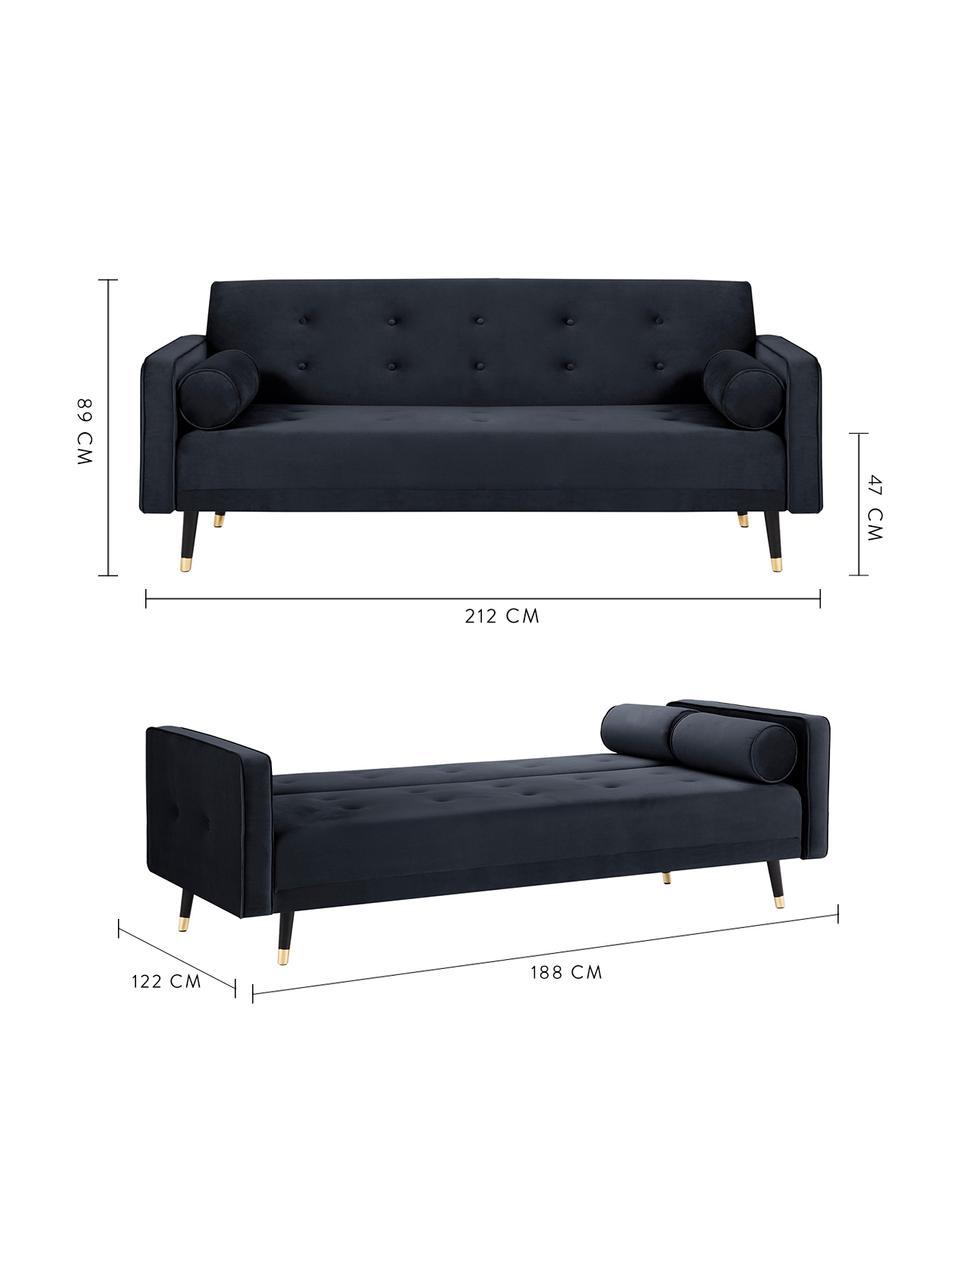 Sofa z funkcją spania z aksamitu Gia (3-osobowa), Tapicerka: aksamit poliestrowy Dzięk, Nogi: drewno bukowe, lakierowan, Aksamitny niebieski, S 212 x G 93 cm